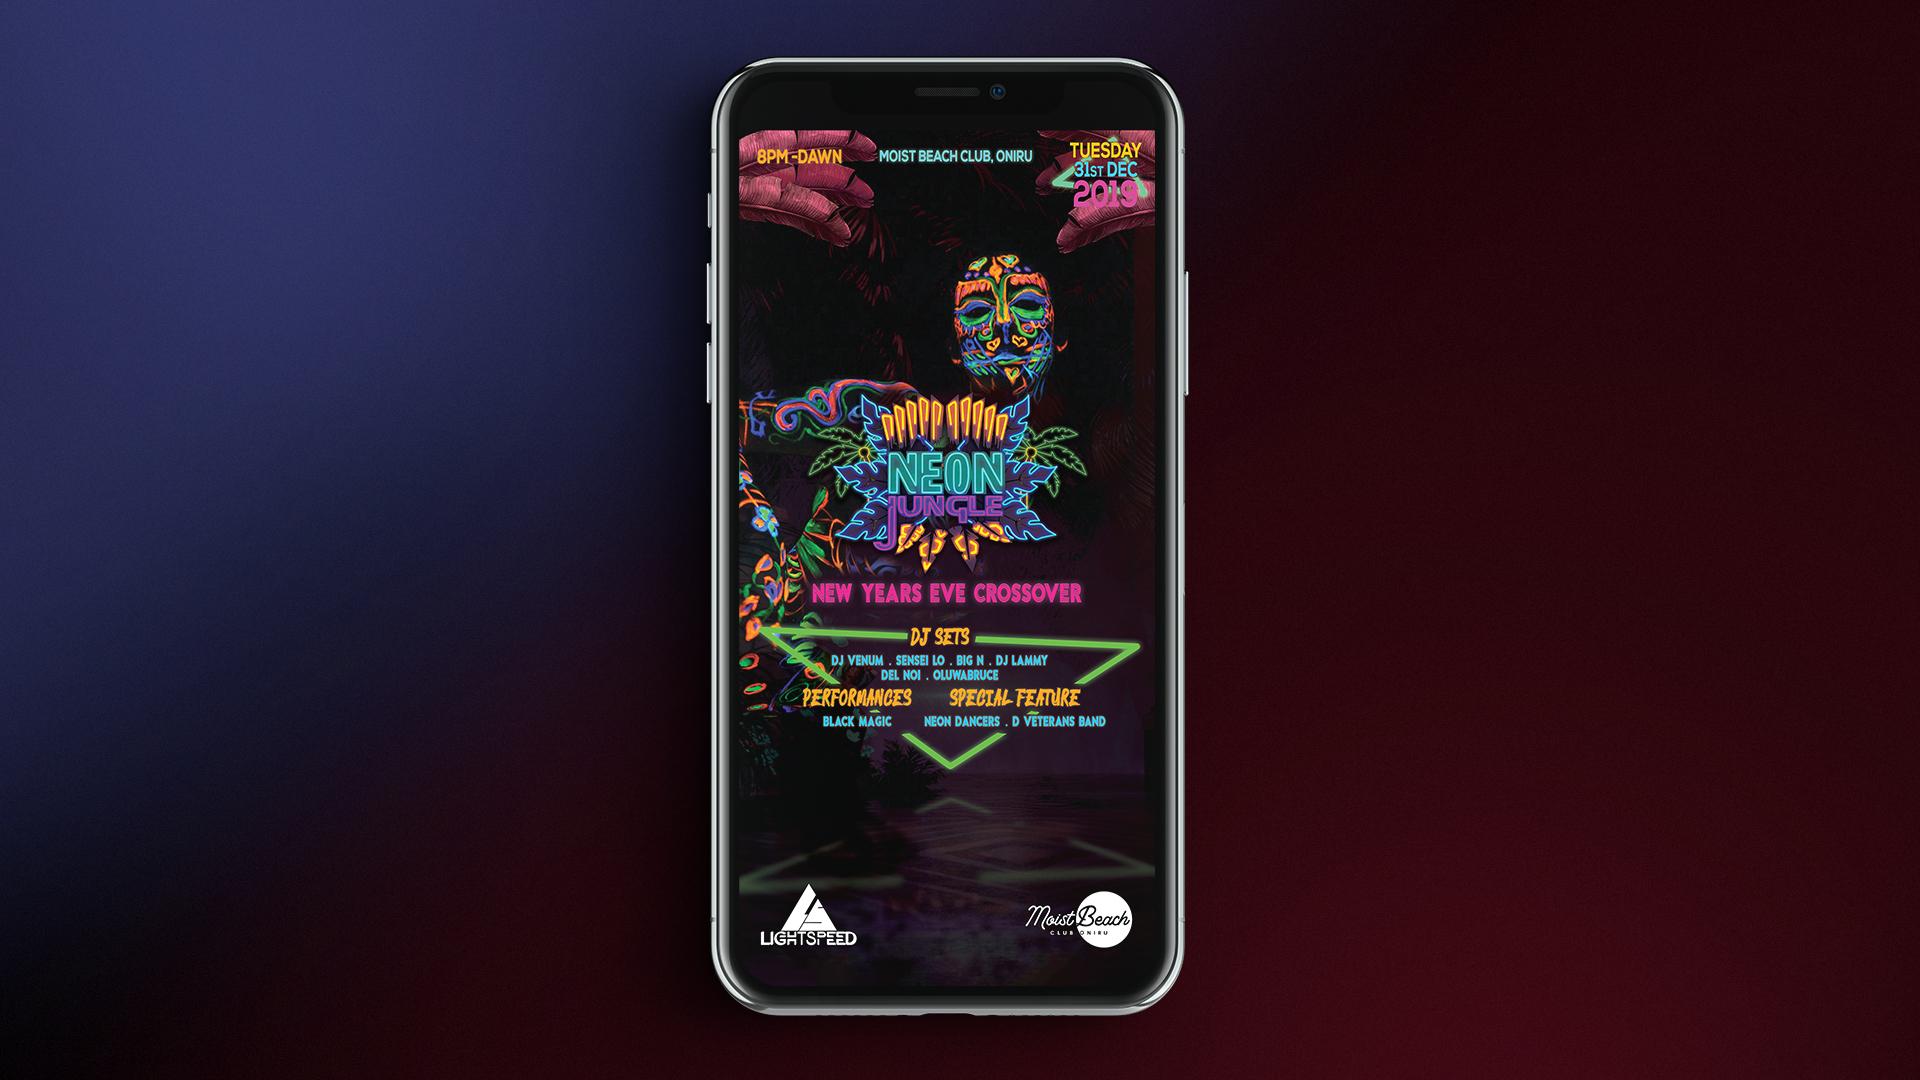 Neon_Jungle_2019_Poster_Design_Motion_Design_BlackBelt